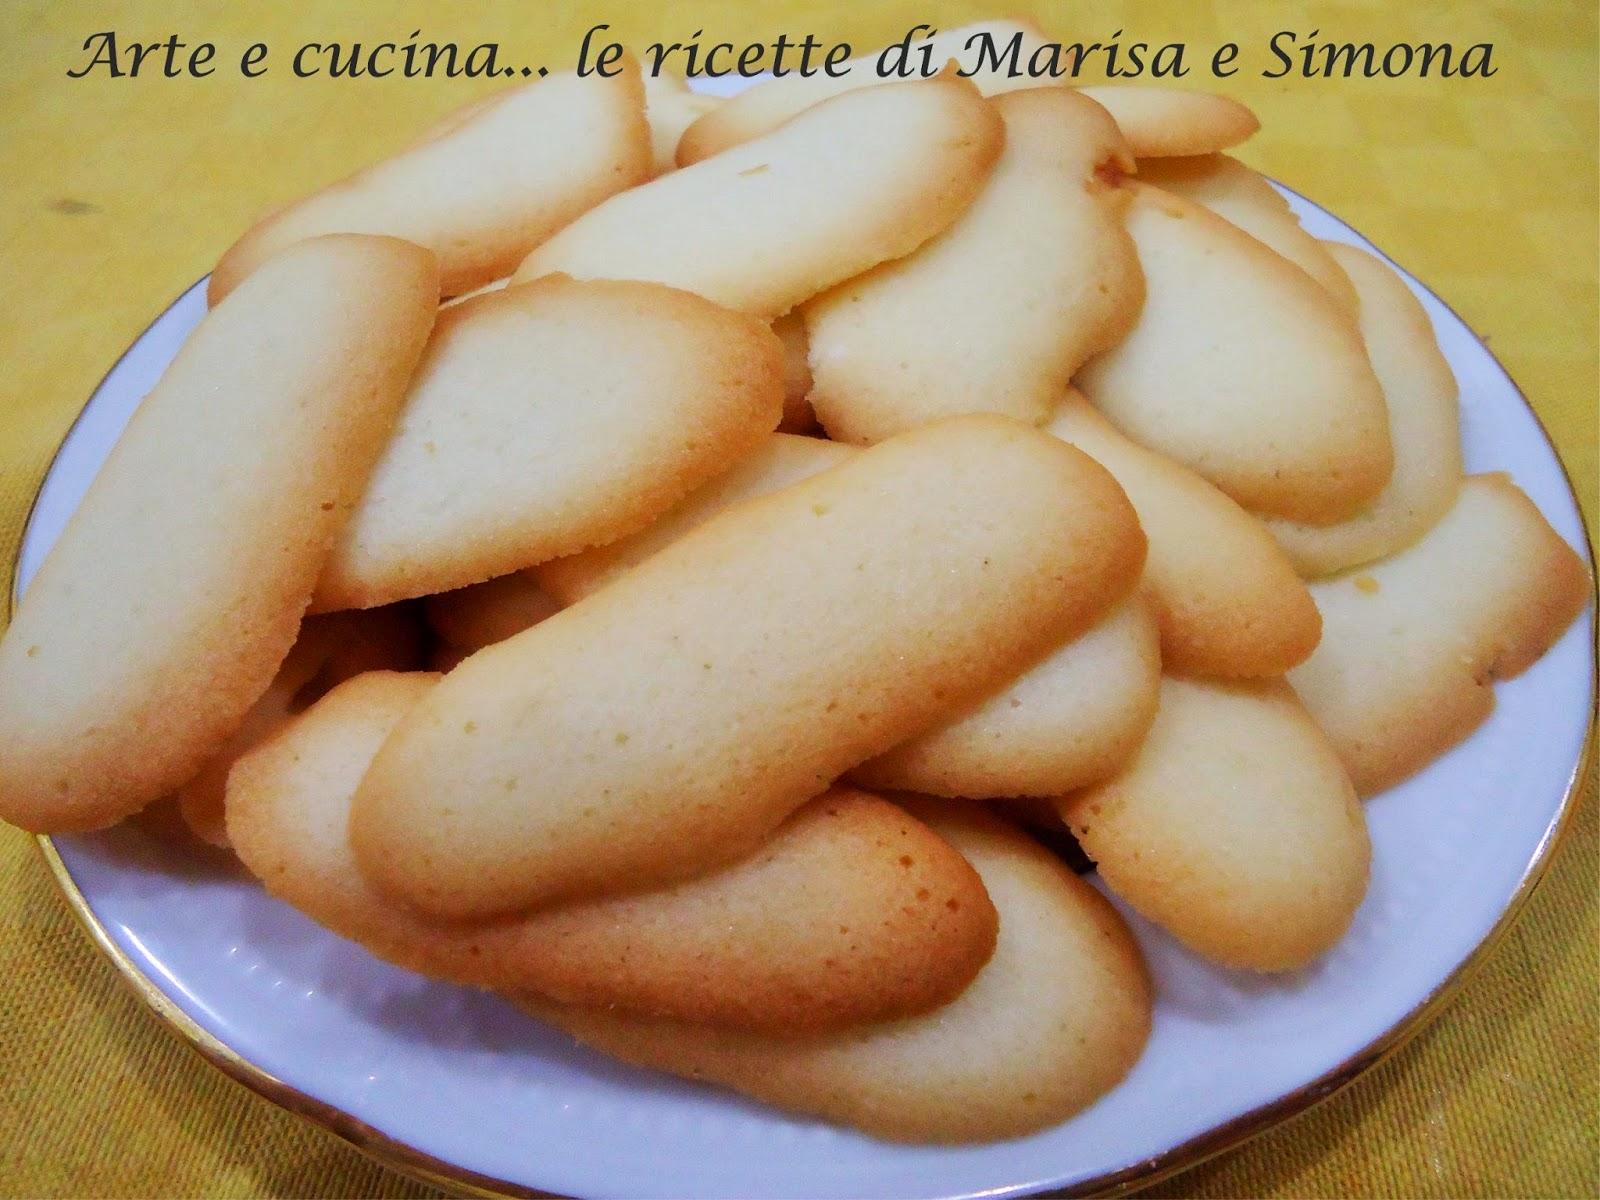 Ricetta Lingue Di Gatto Di Simone Rugiati.Arte E Cucina Le Ricette Di Marisa Settembre 2014